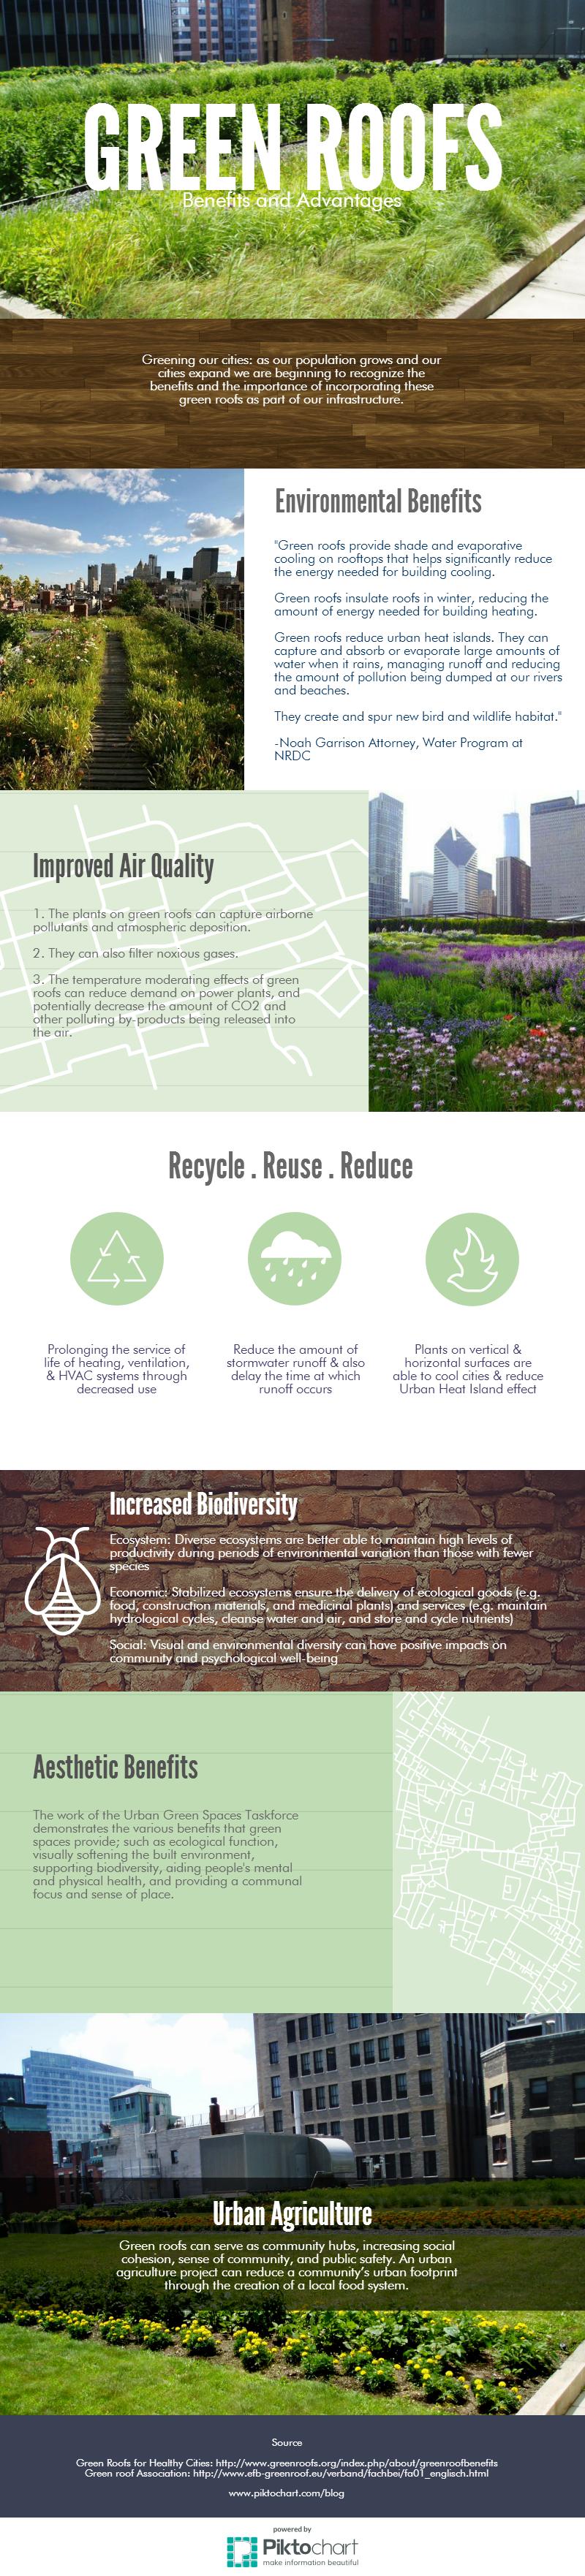 Benefits Of Roof Gardens With Images Roof Garden Green Roof Rooftop Garden